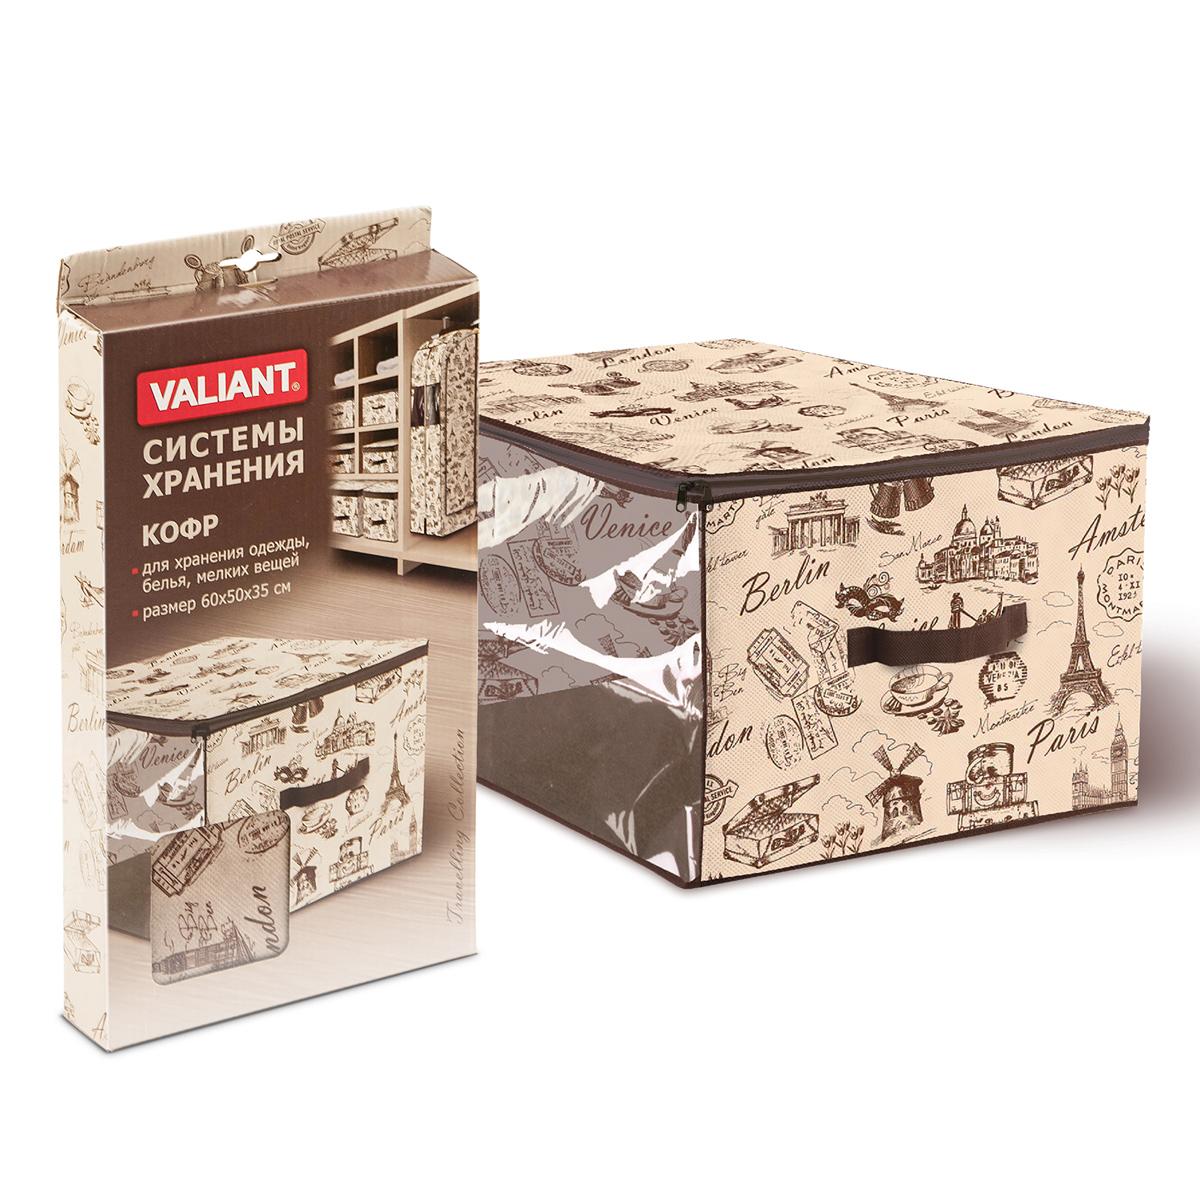 Кофр для хранения Valiant Travelling, 60 см х 50 см х 35 смTRA003Кофр для хранения Valiant Travelling изготовлен из высококачественного нетканого материала (спанбонда), который обеспечивает естественную вентиляцию, позволяя воздуху проникать внутрь, но не пропускает пыль. Вставки из плотного картона хорошо держат форму. Кофр снабжен специальной крышкой и ручкой сбоку. Изделие отличается мобильностью: легко раскладывается и складывается. В таком кофре удобно хранить одежду, белье и мелкие аксессуары. Оригинальный дизайн погружает в атмосферу путешествий по разным городам и странам.Системы хранения в едином дизайне сделают вашу гардеробную красивой и невероятно стильной.